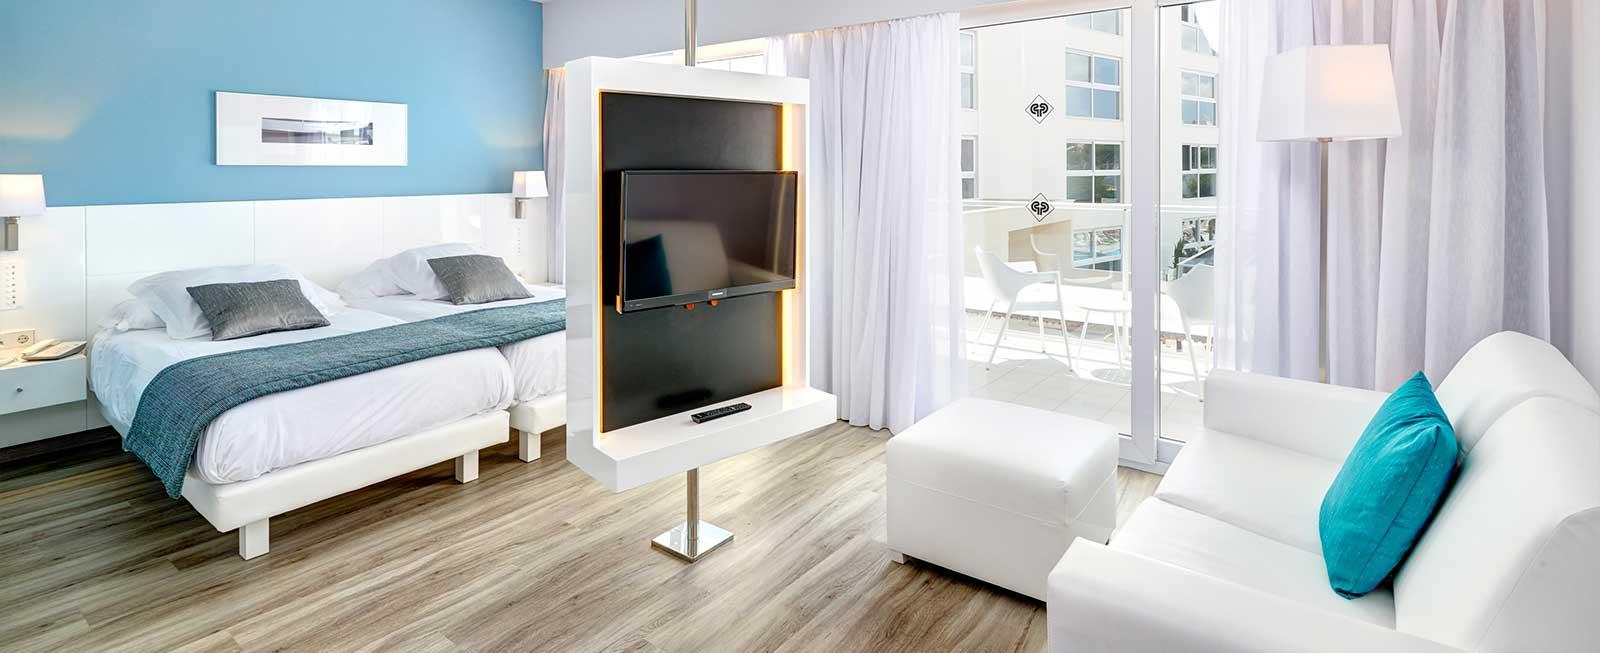 Protur Alicia Hotel Chambre triple